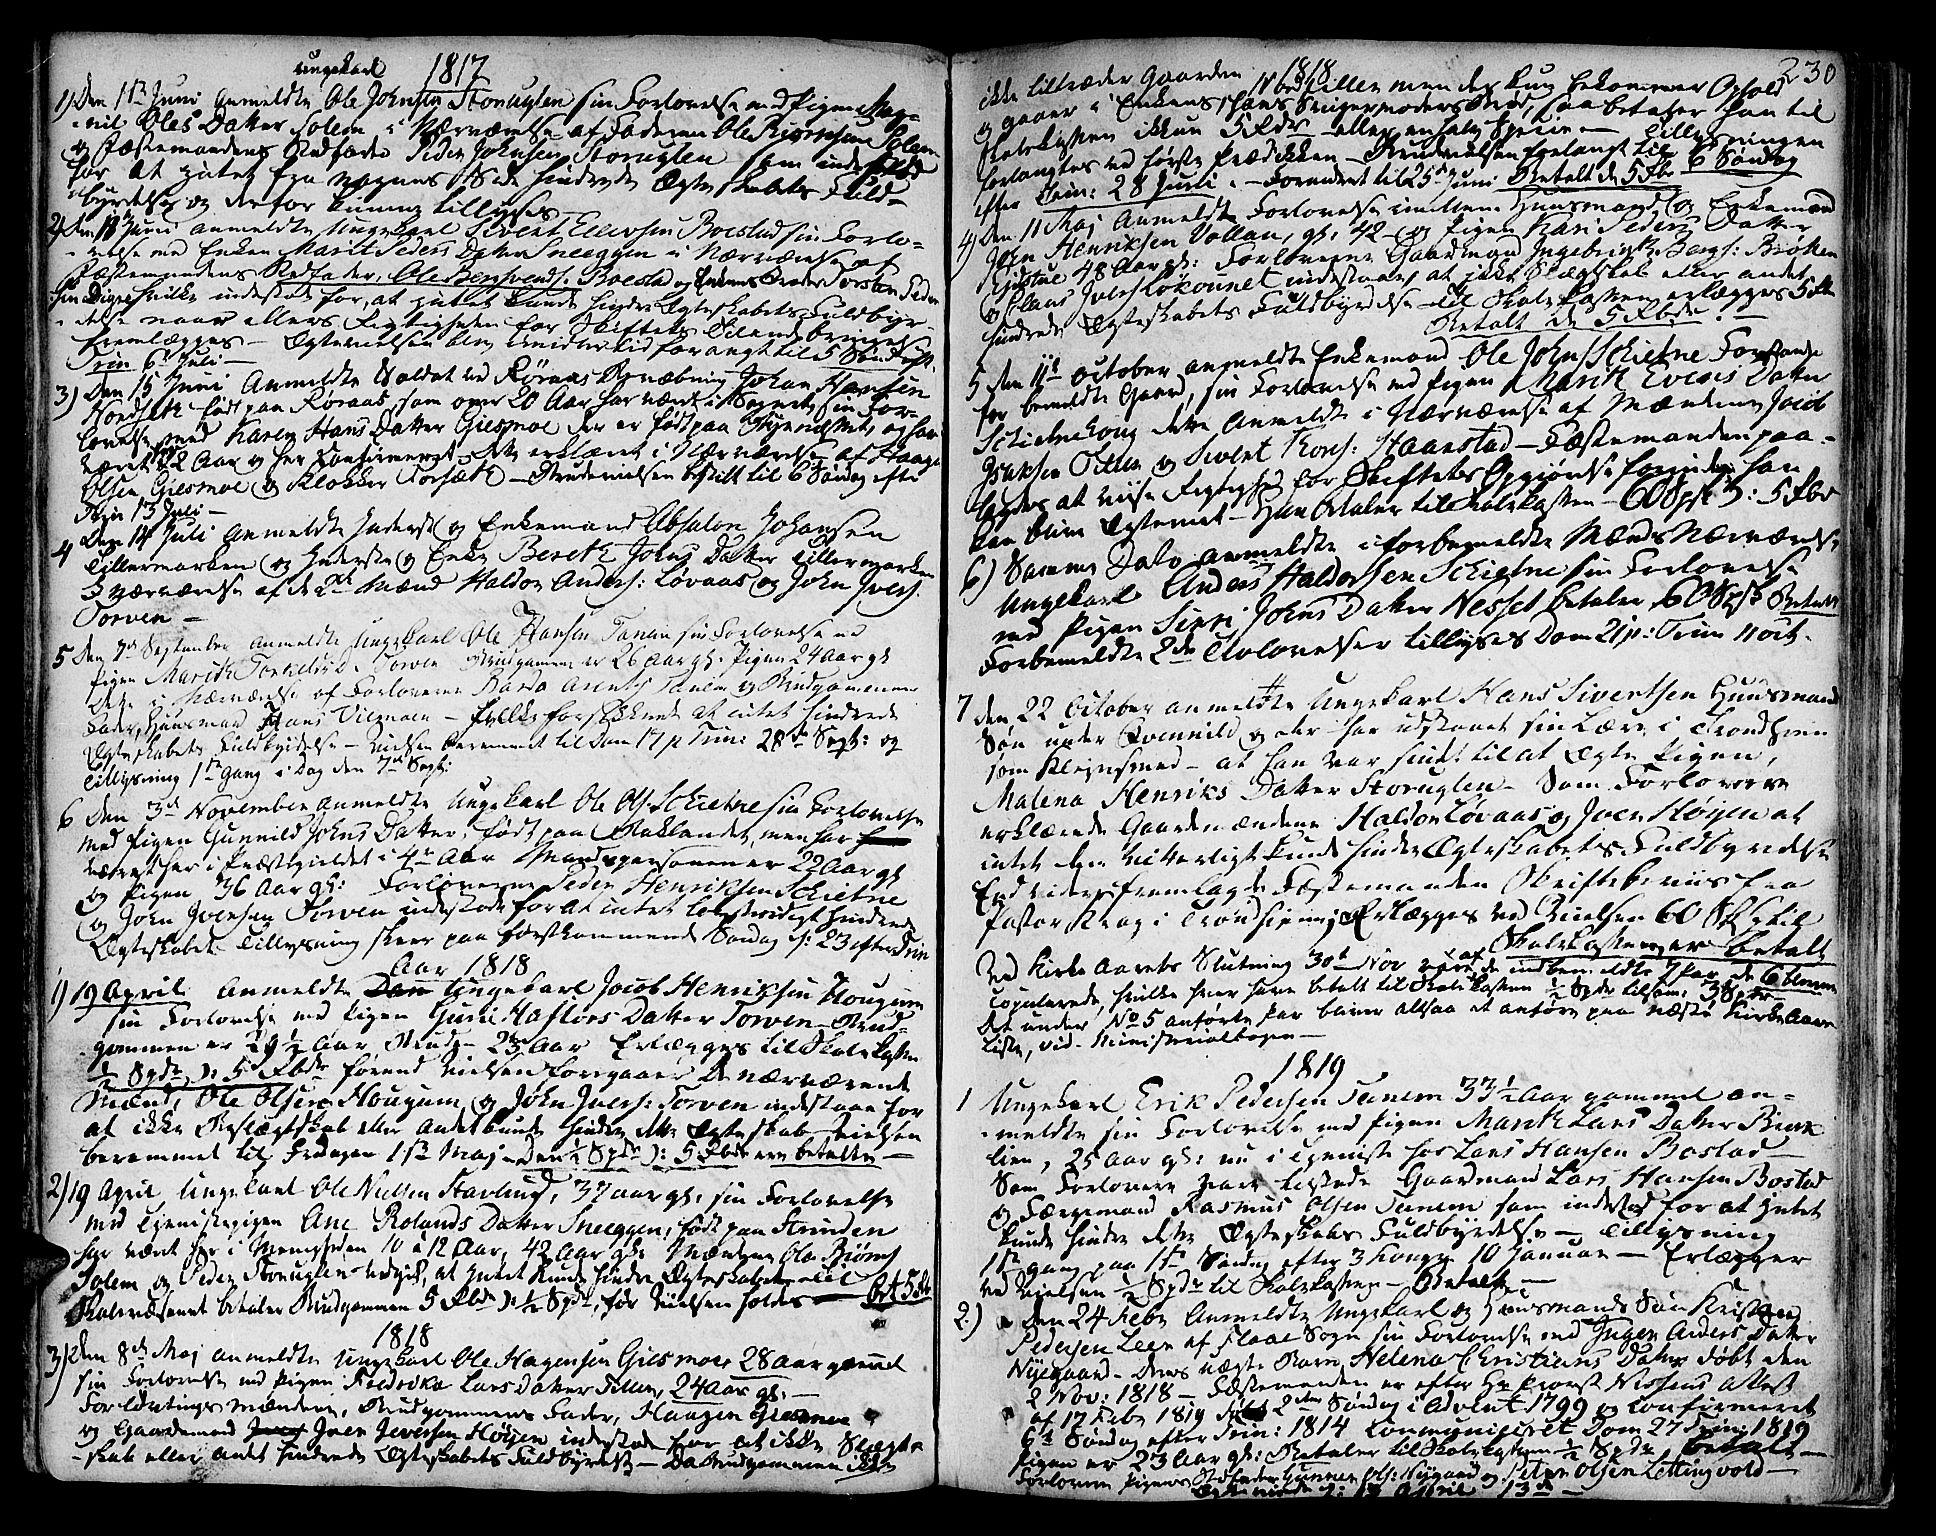 SAT, Ministerialprotokoller, klokkerbøker og fødselsregistre - Sør-Trøndelag, 618/L0438: Ministerialbok nr. 618A03, 1783-1815, s. 230